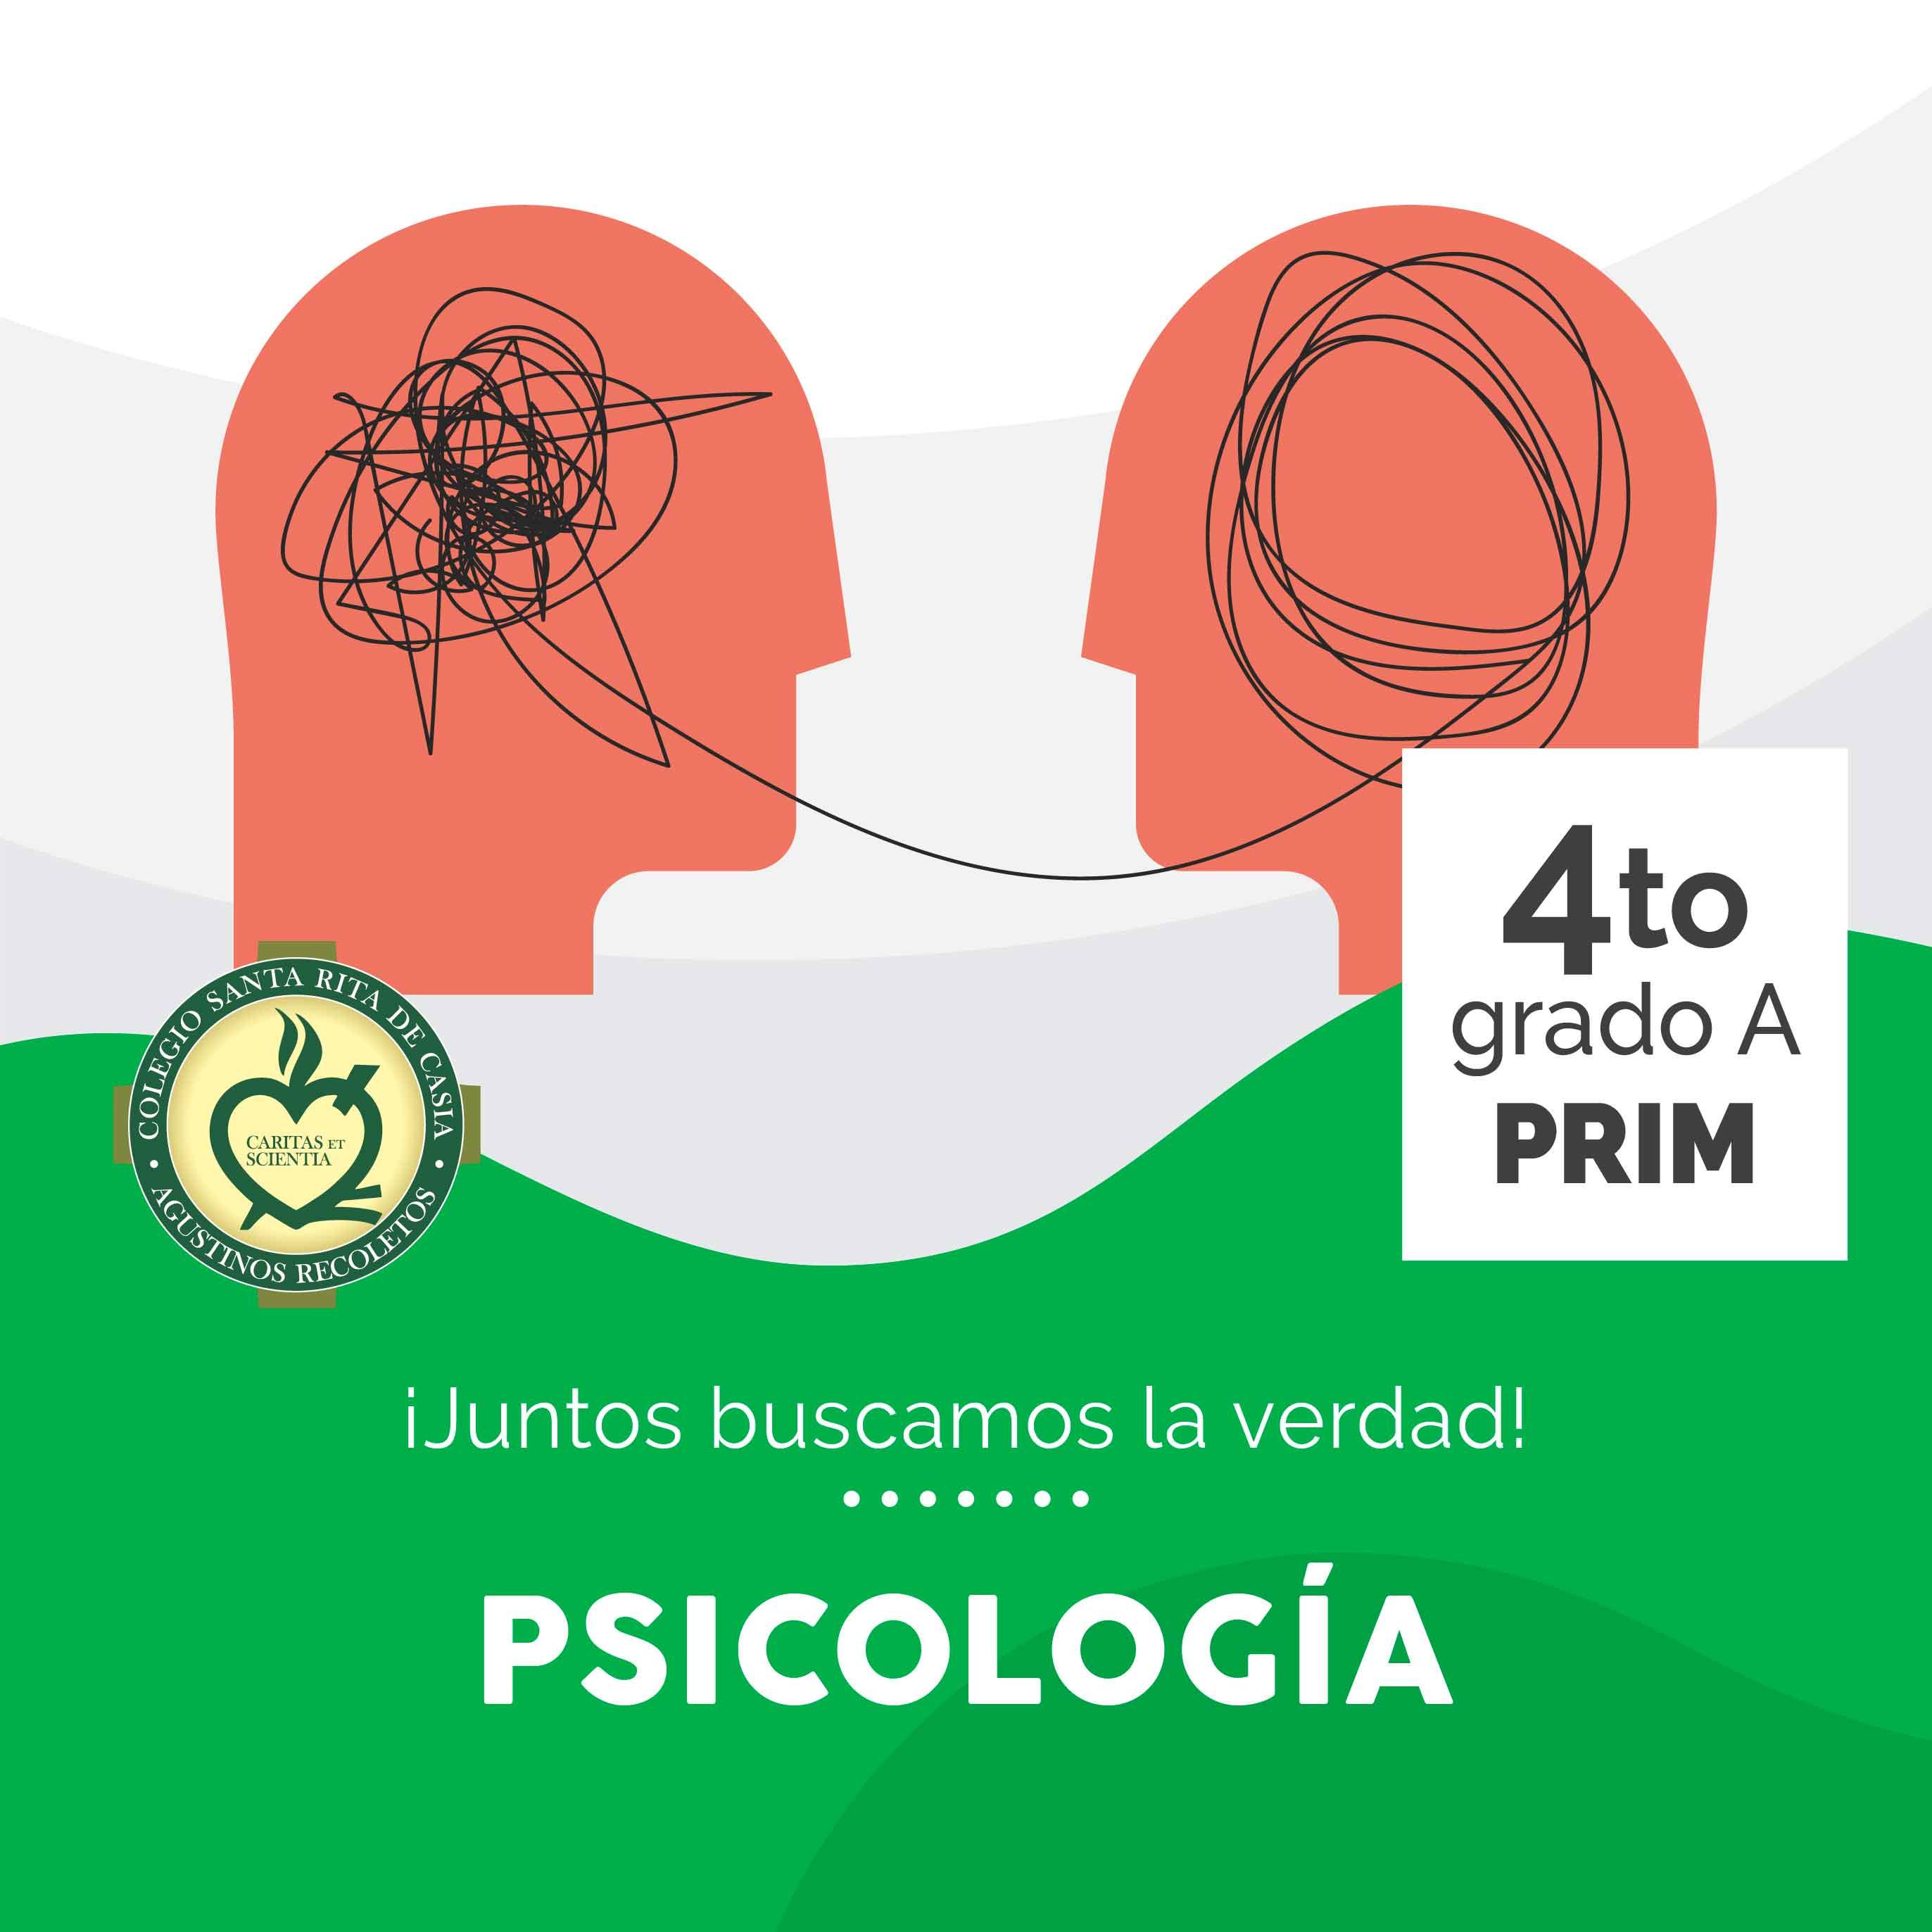 Psicología 4to Grado A